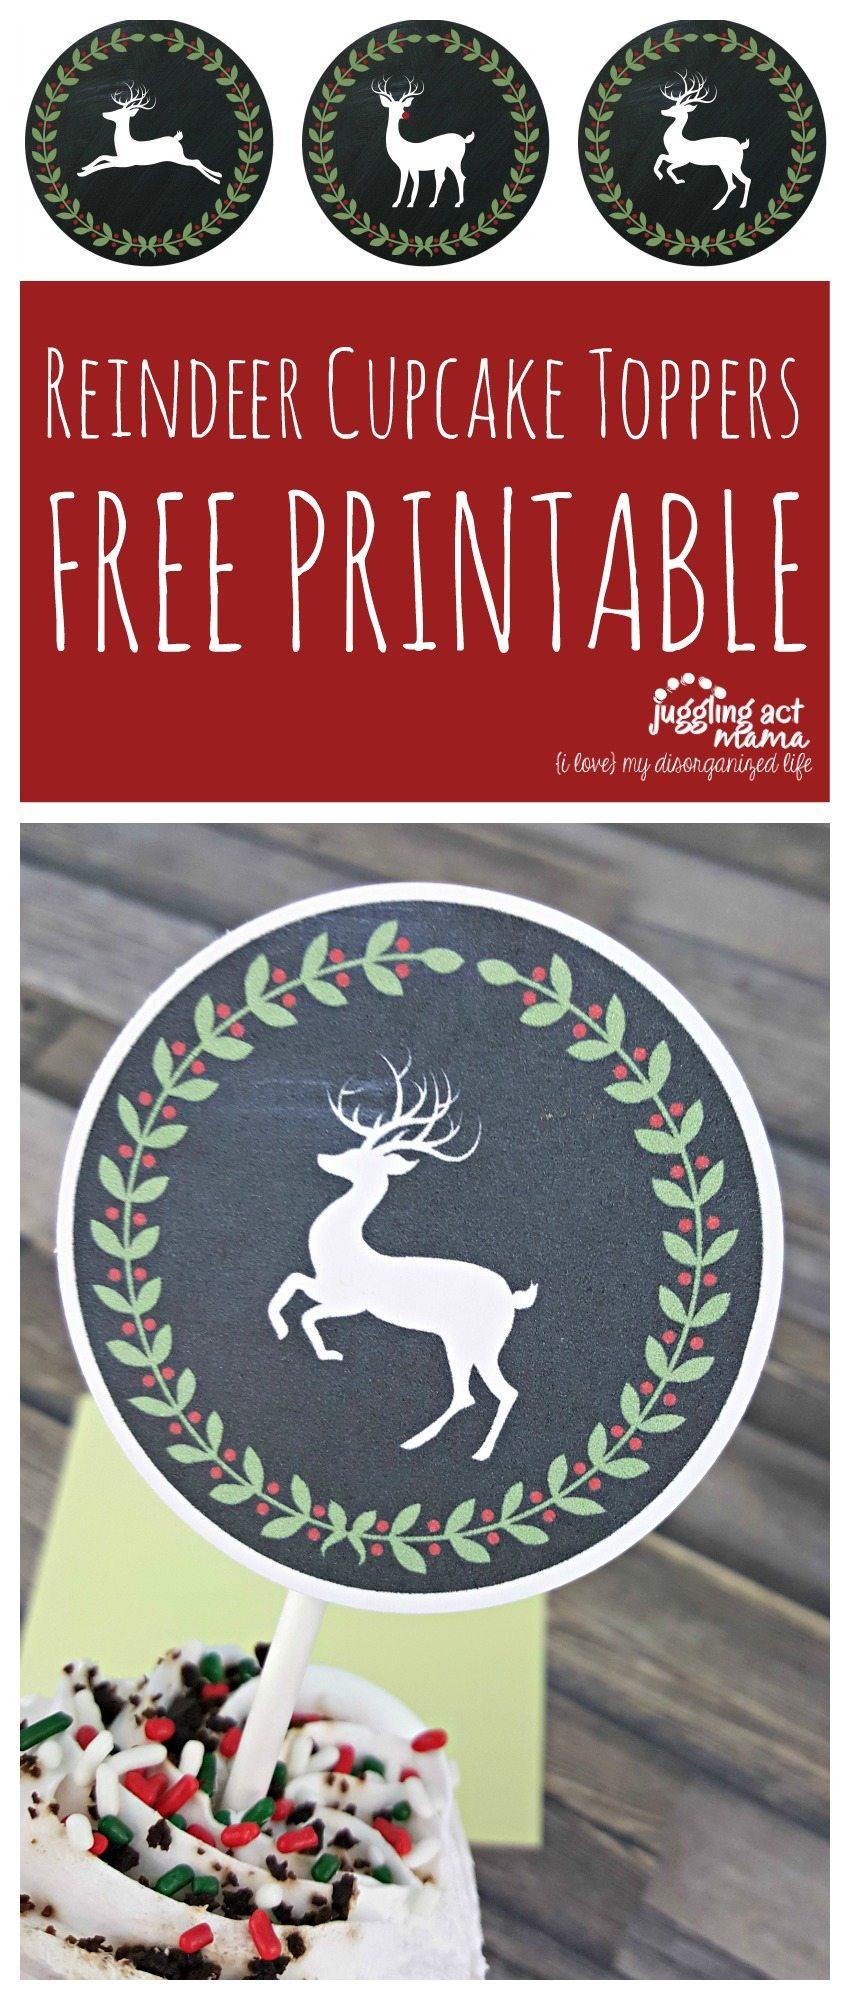 Reindeer Cupcake Toppers Free Printable